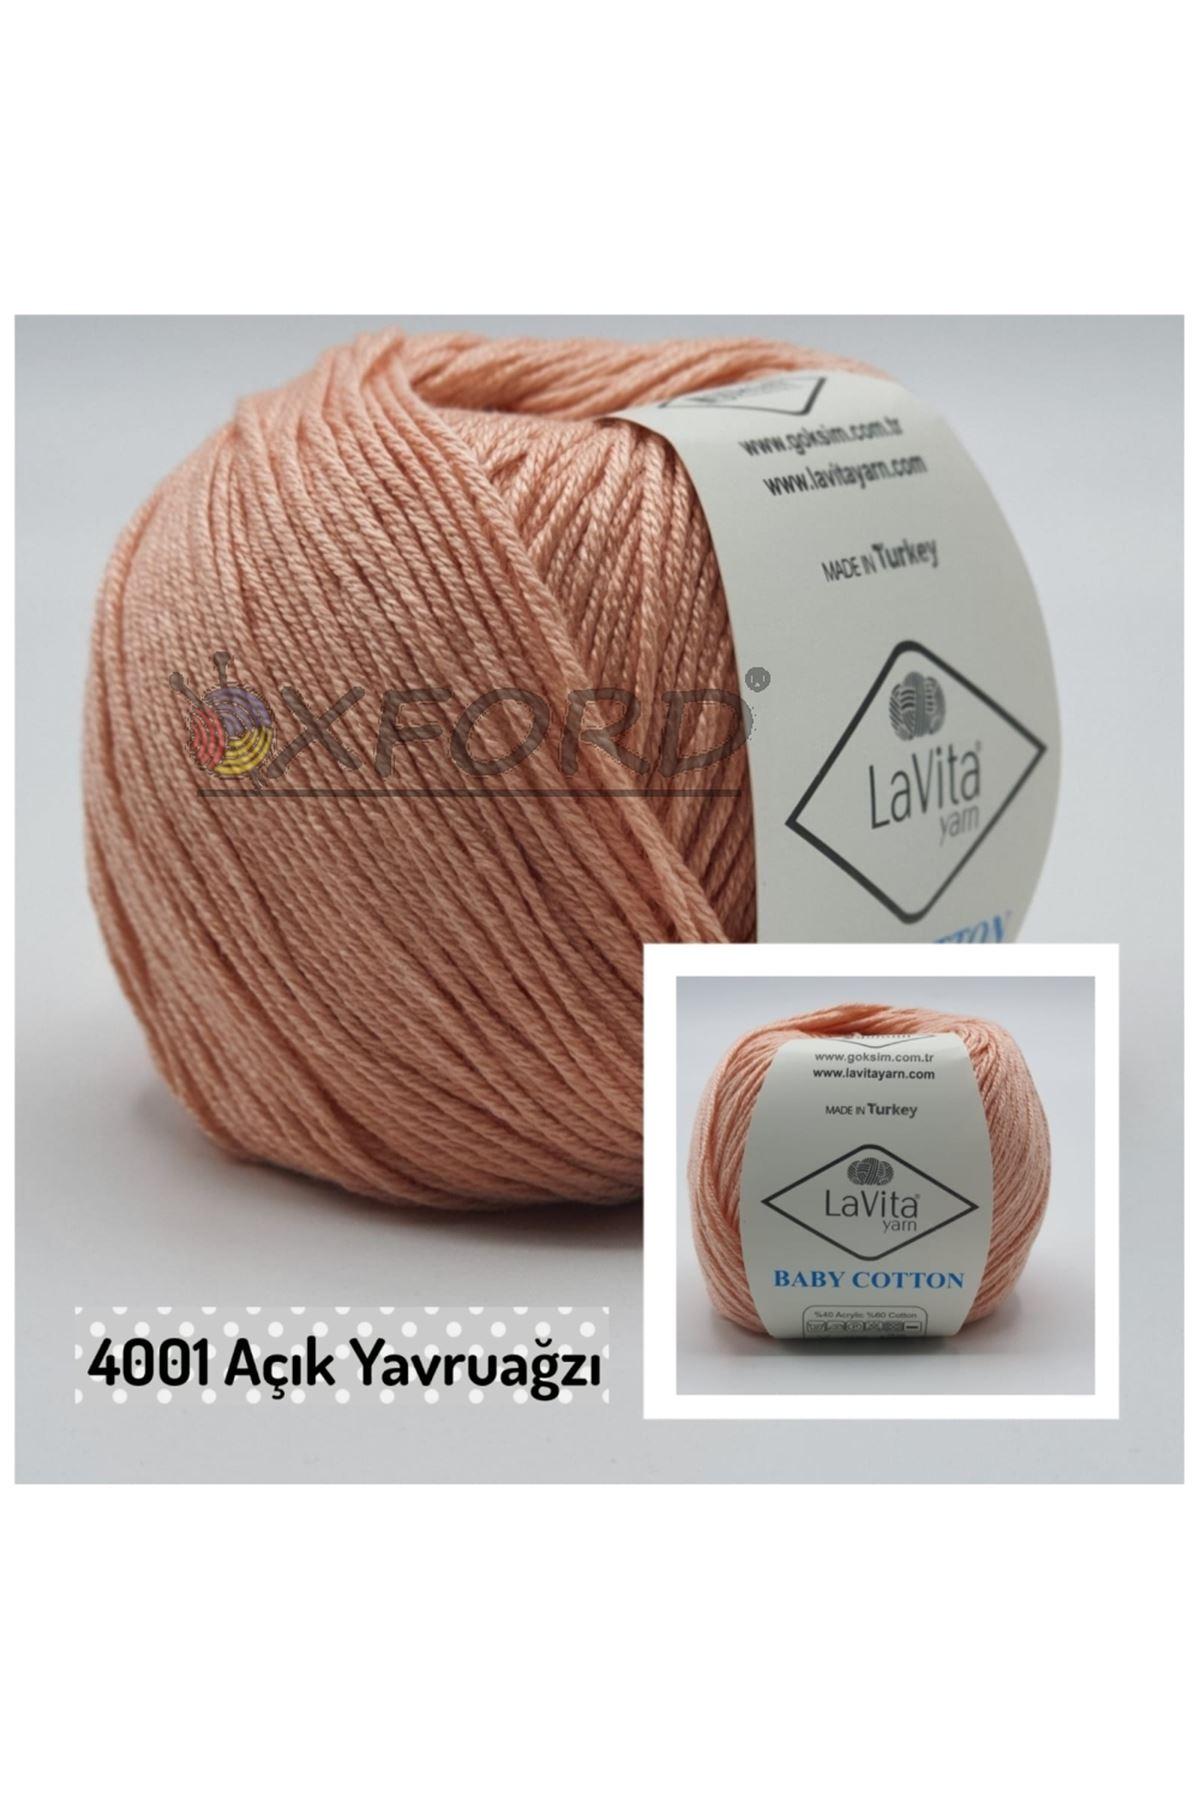 Lavita Baby Cotton 4001 Açık Yavruağzı